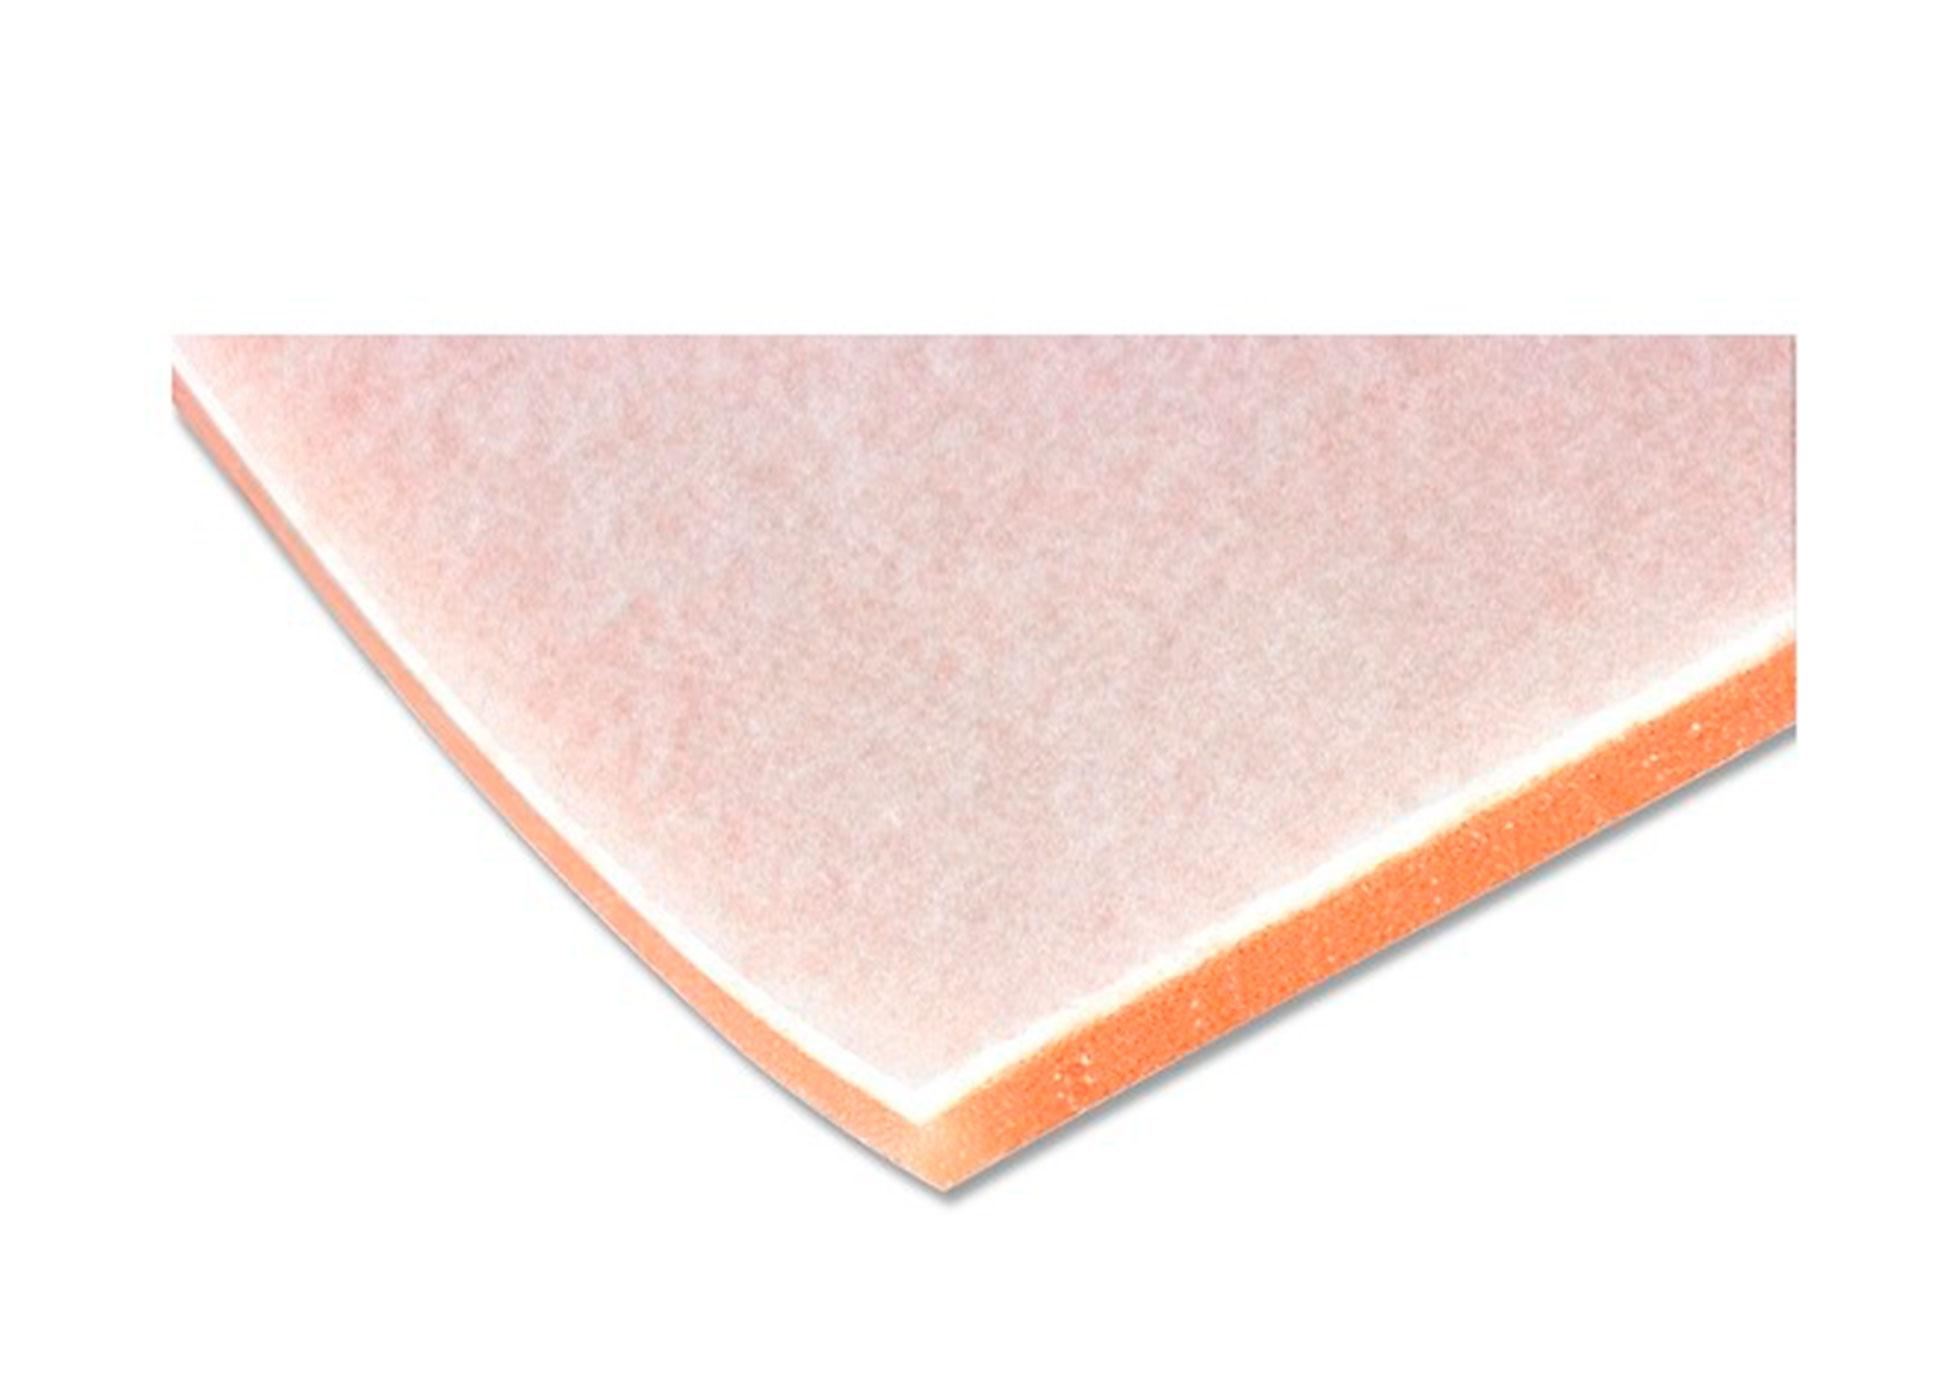 Hapla Consumer Retail Chiropody Packs - Type - Fleecy Foam 5mm